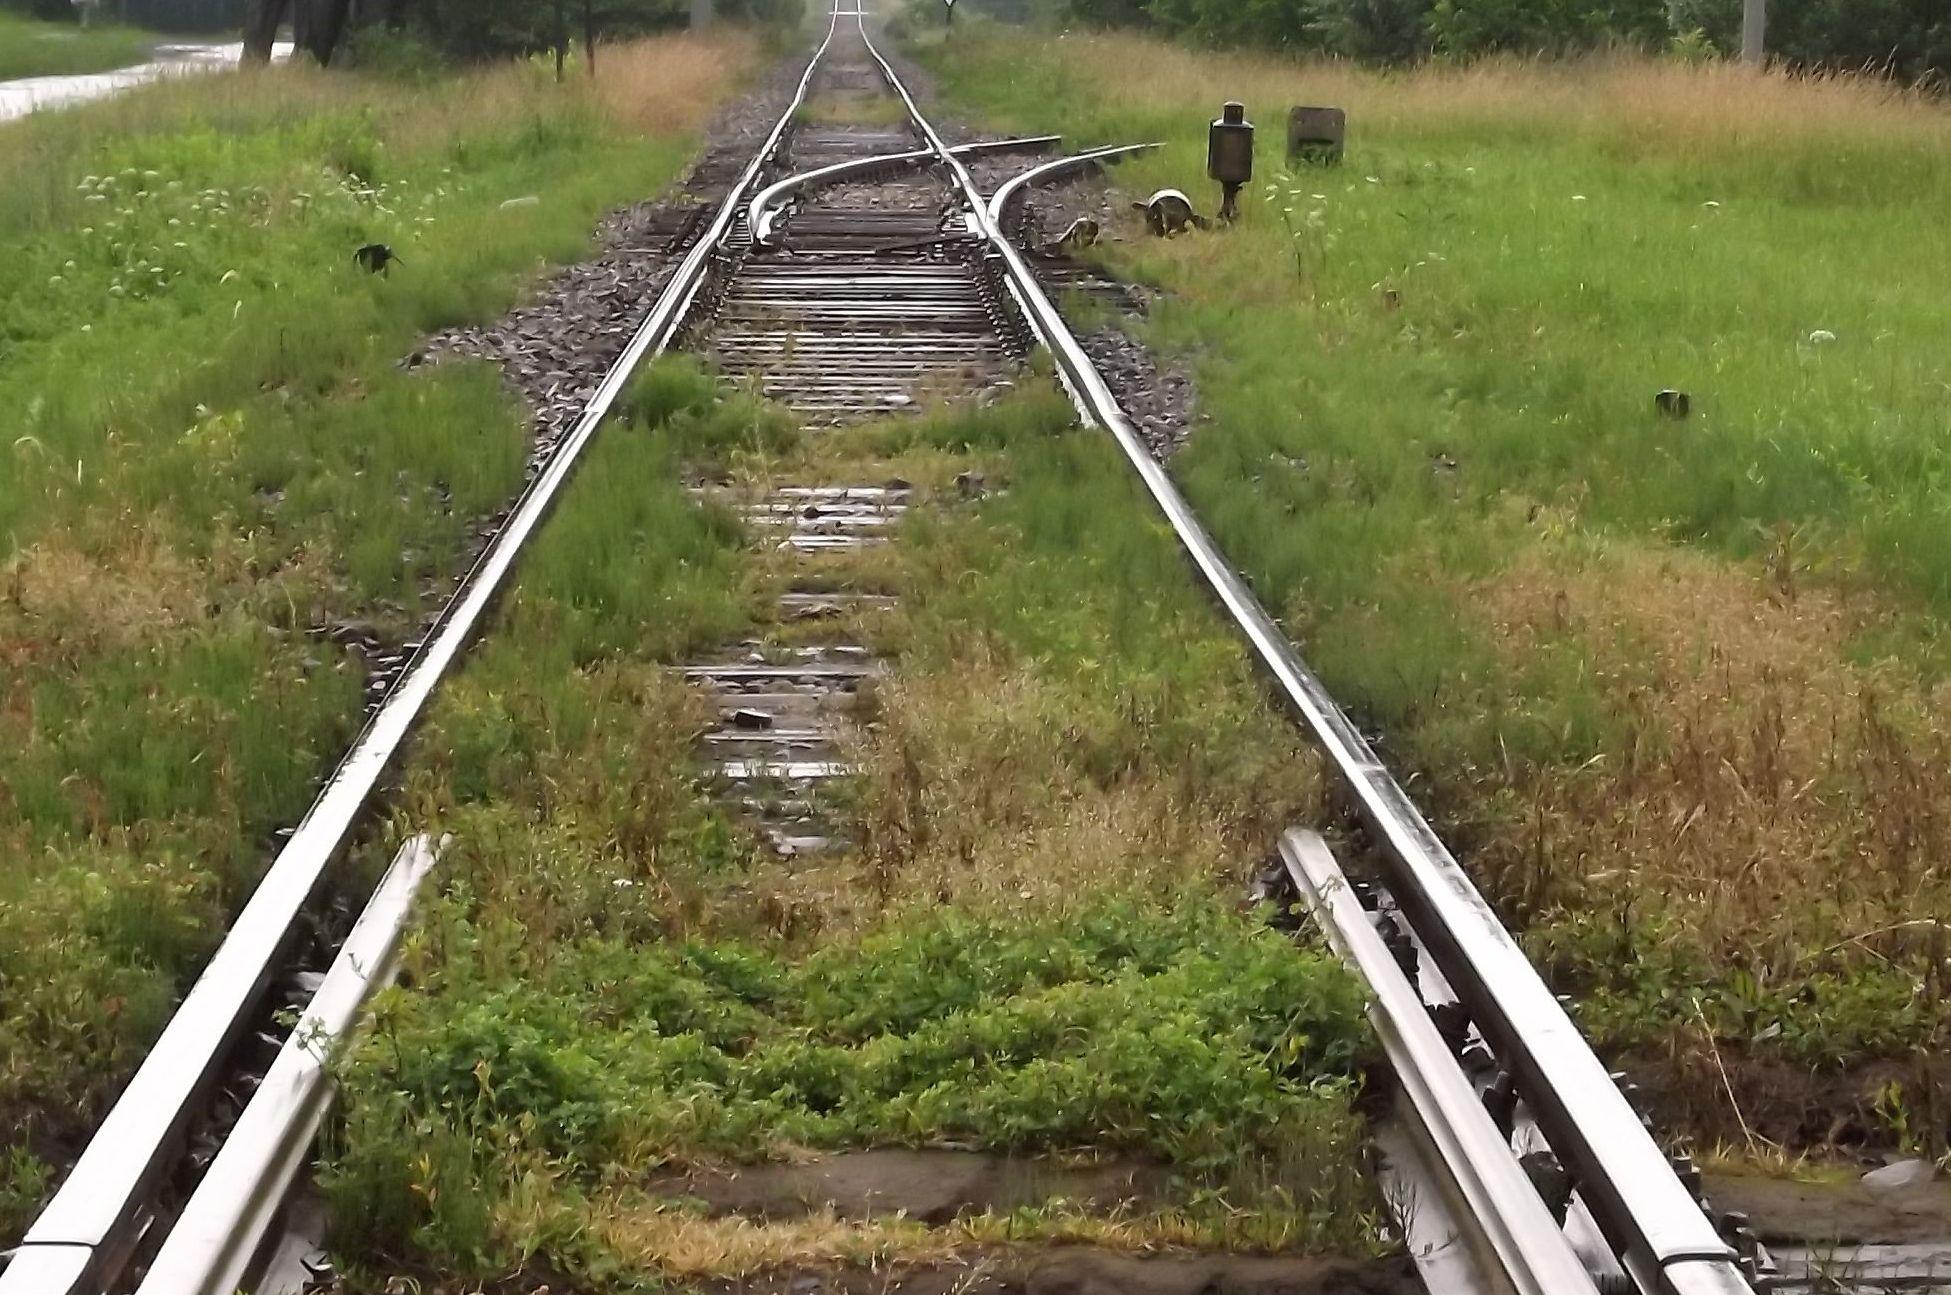 Wstrzymany ruch na torach. To wszystko przez pociągi towarowe?